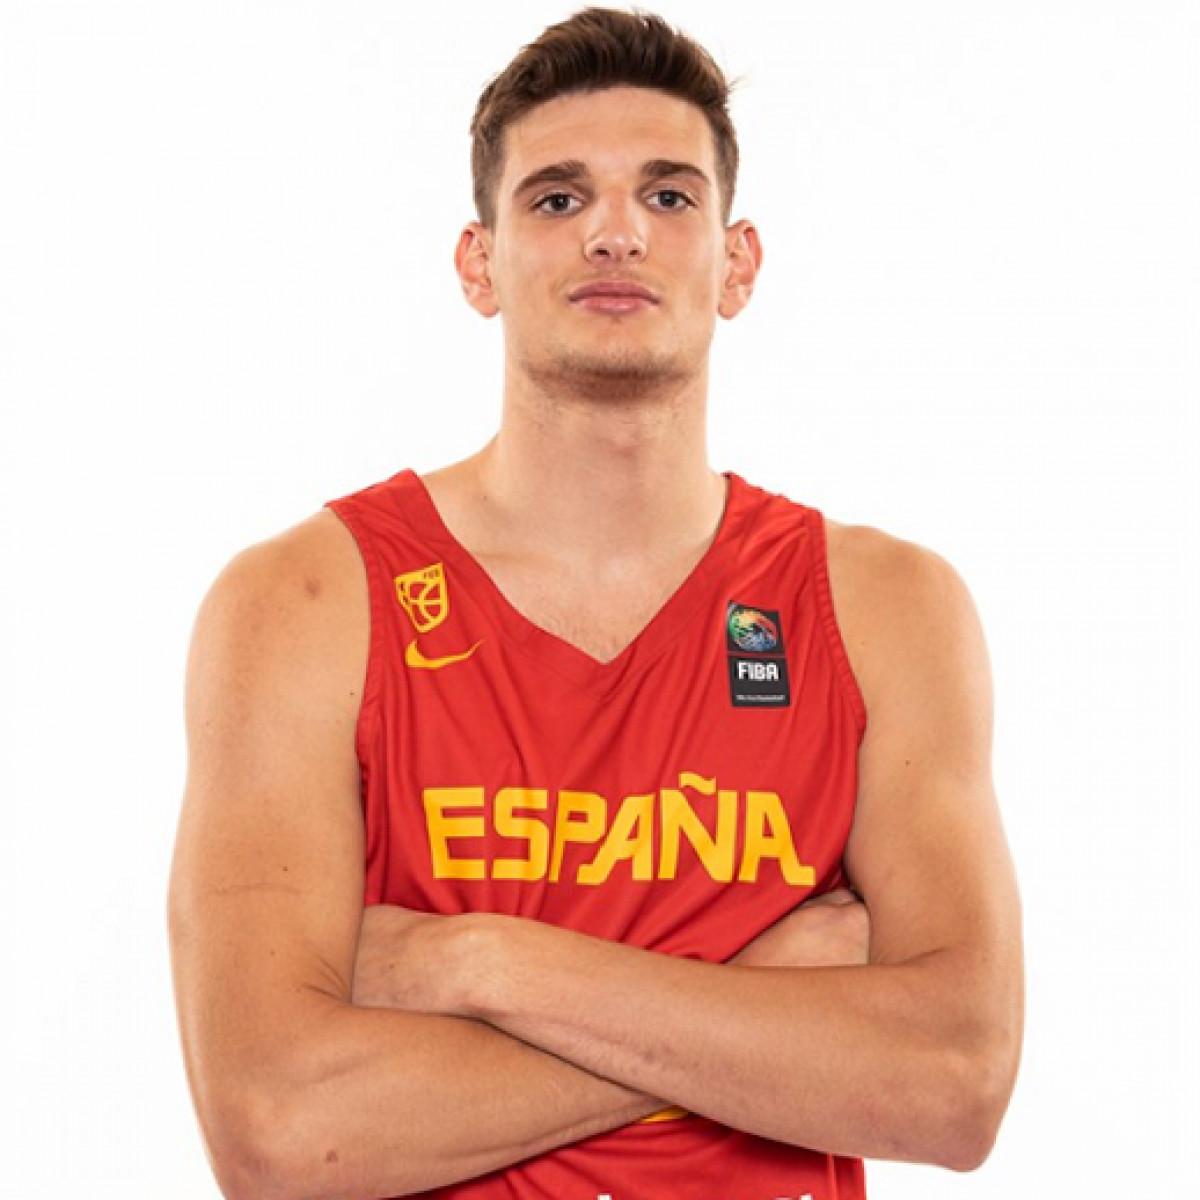 Photo of Sergi Martinez, 2019-2020 season